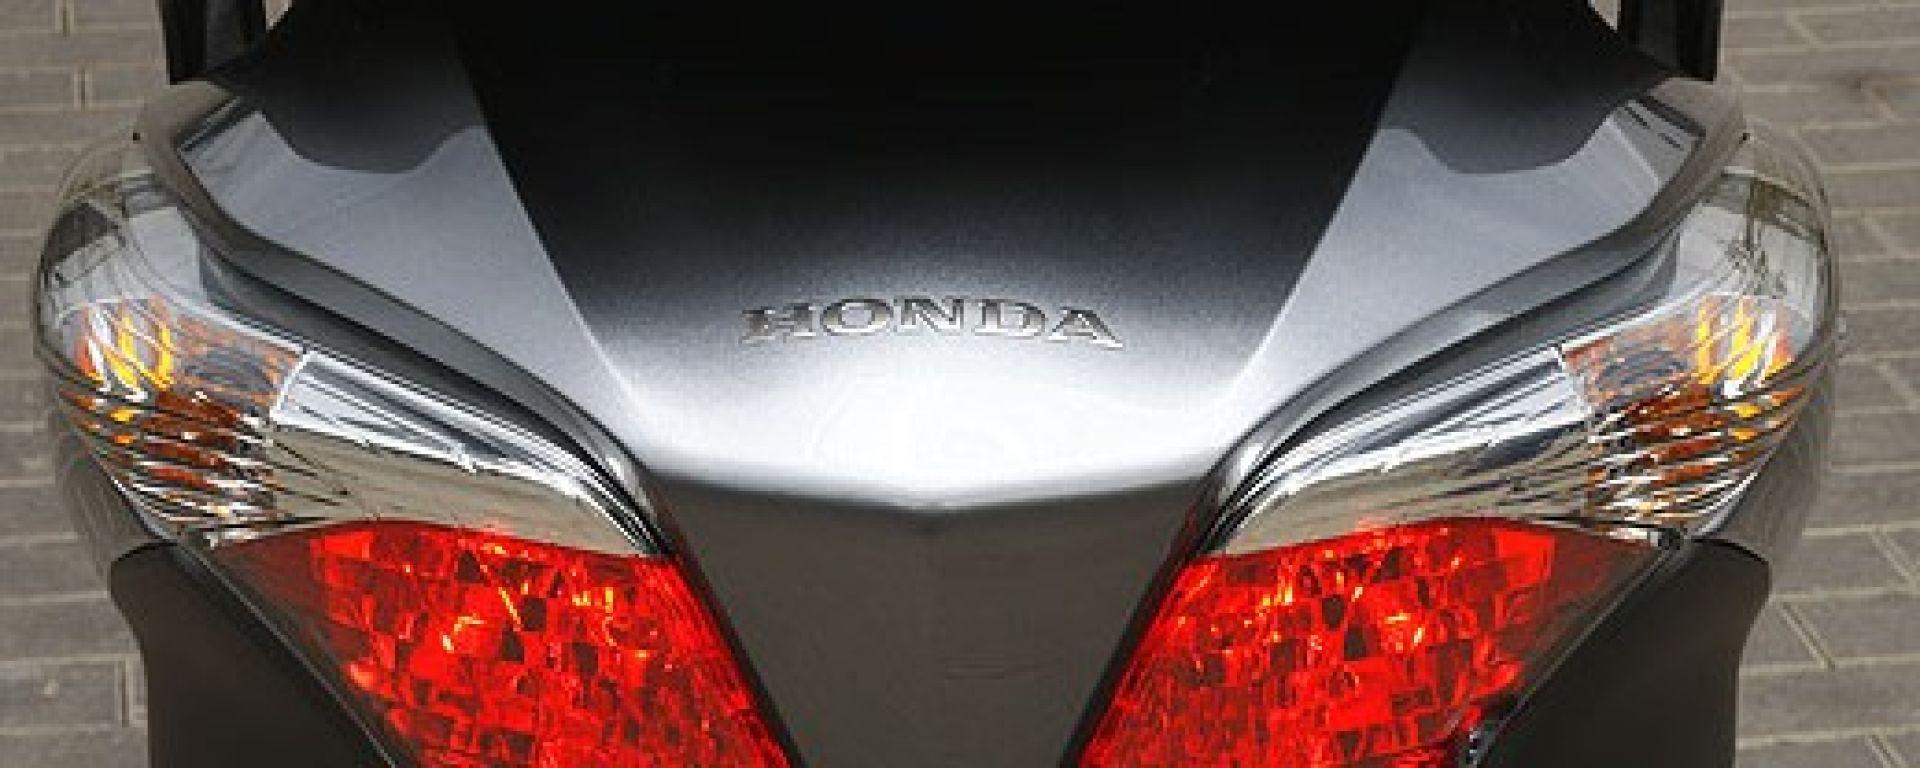 Honda SW-T400 2009